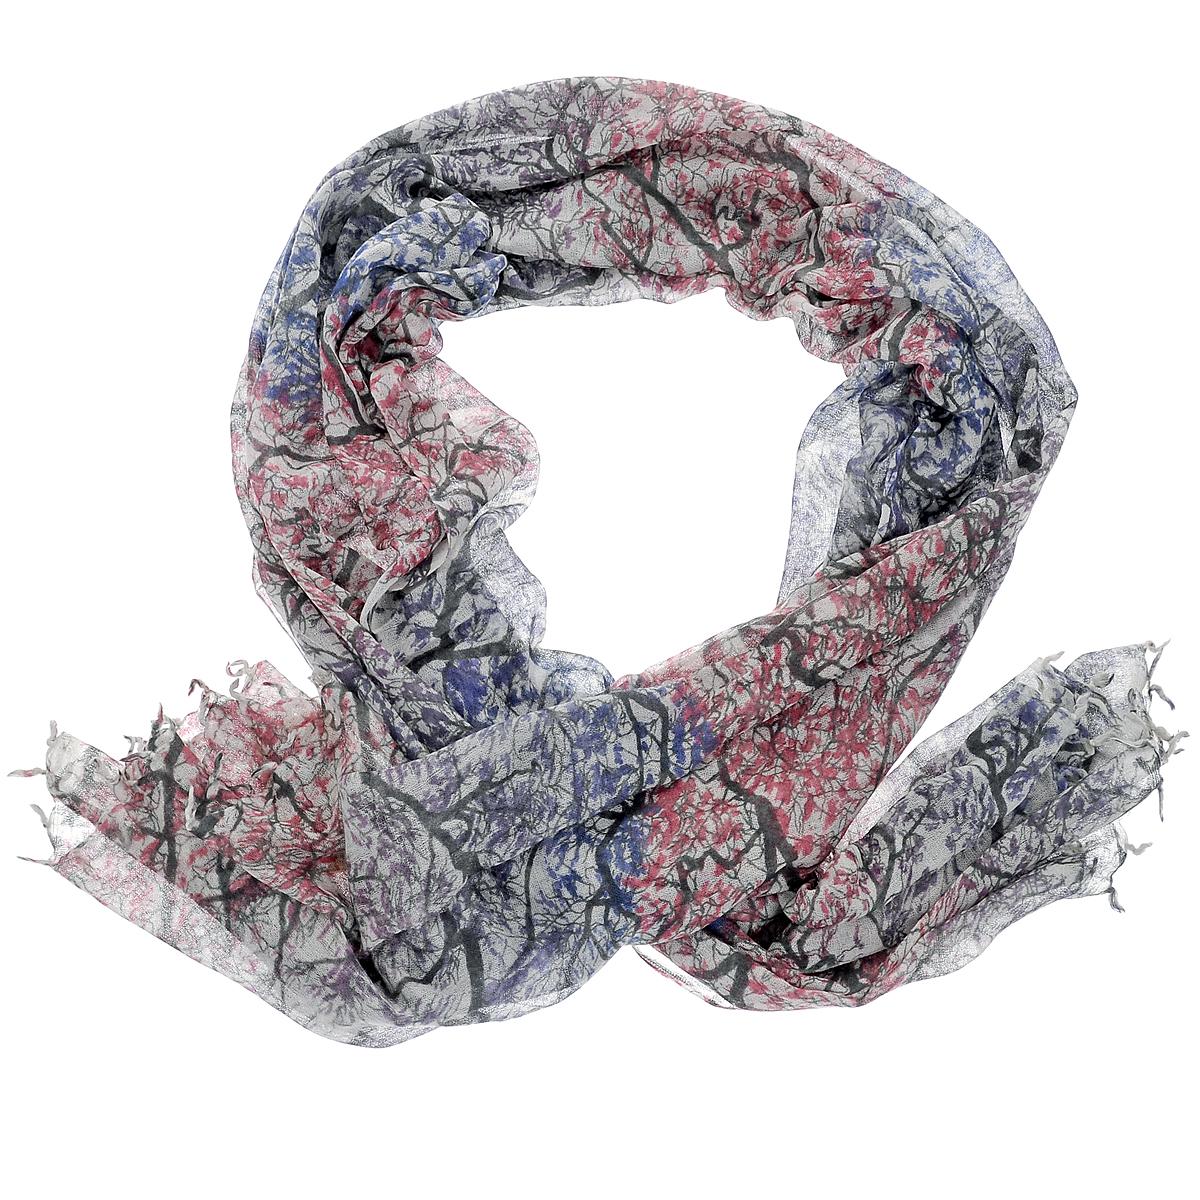 Палантин Michel Katana, цвет: синий, розовый. W-TREE2/BLUE. Размер 100 см x 200 смW-TREE2/BLUEСтильный палантин Michel Katana согреет в холодное время года, а также станет изысканным аксессуаром, который призван подчеркнуть вашу индивидуальность и стиль. Палантин выполнен из шерсти и декорирован принтом с изображением деревьев. По краям изделие оформлено кистями.